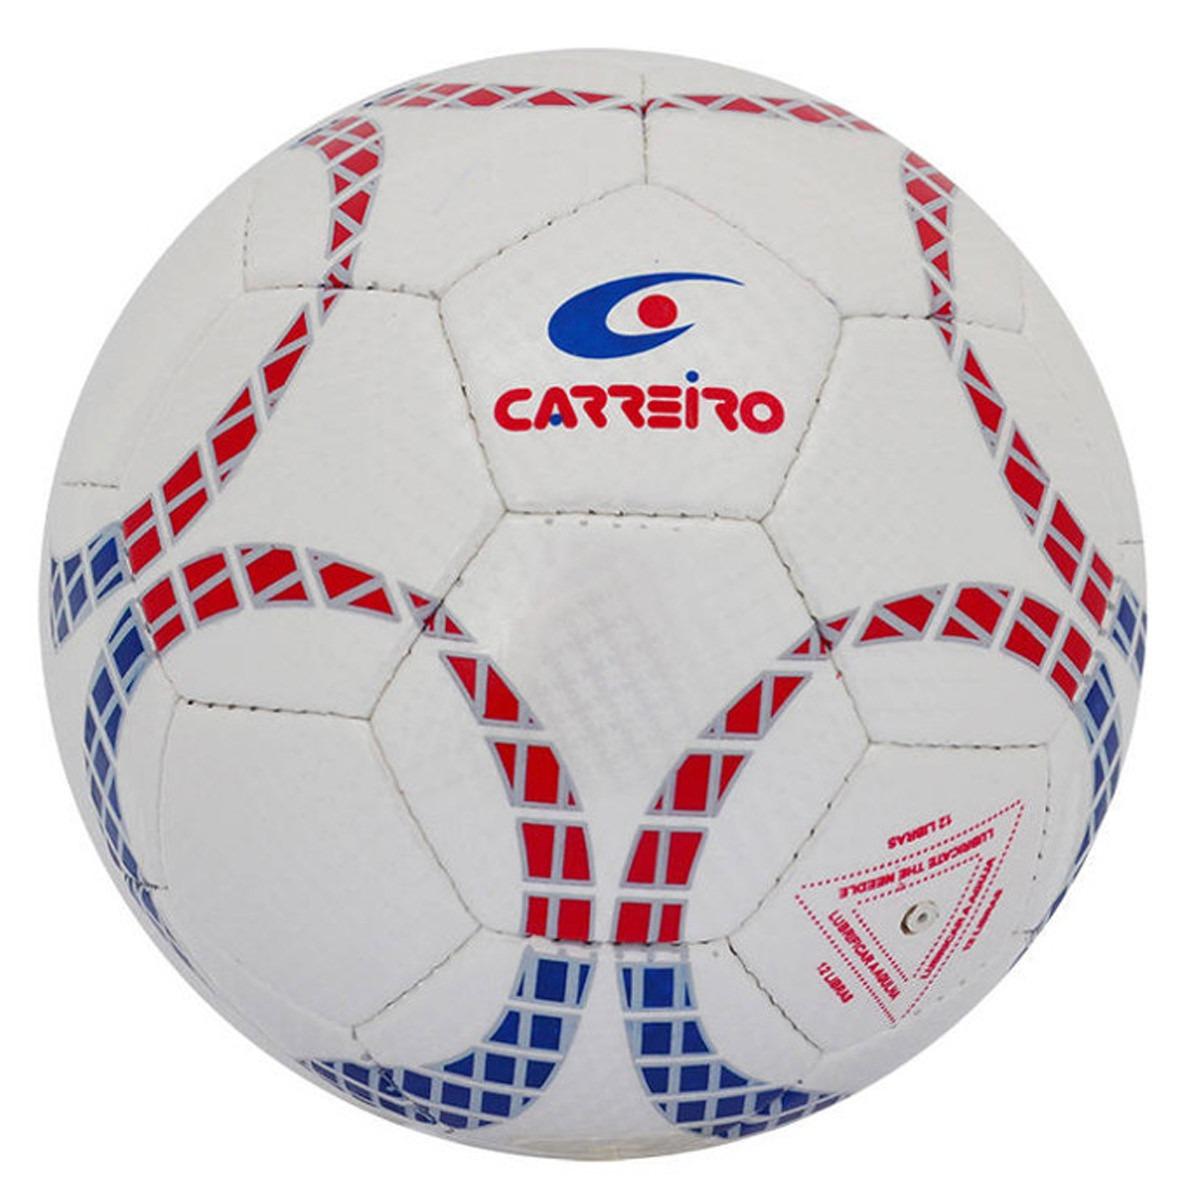 bola de futebol carreito c54 original campo. Carregando zoom. f2c1468d2d001